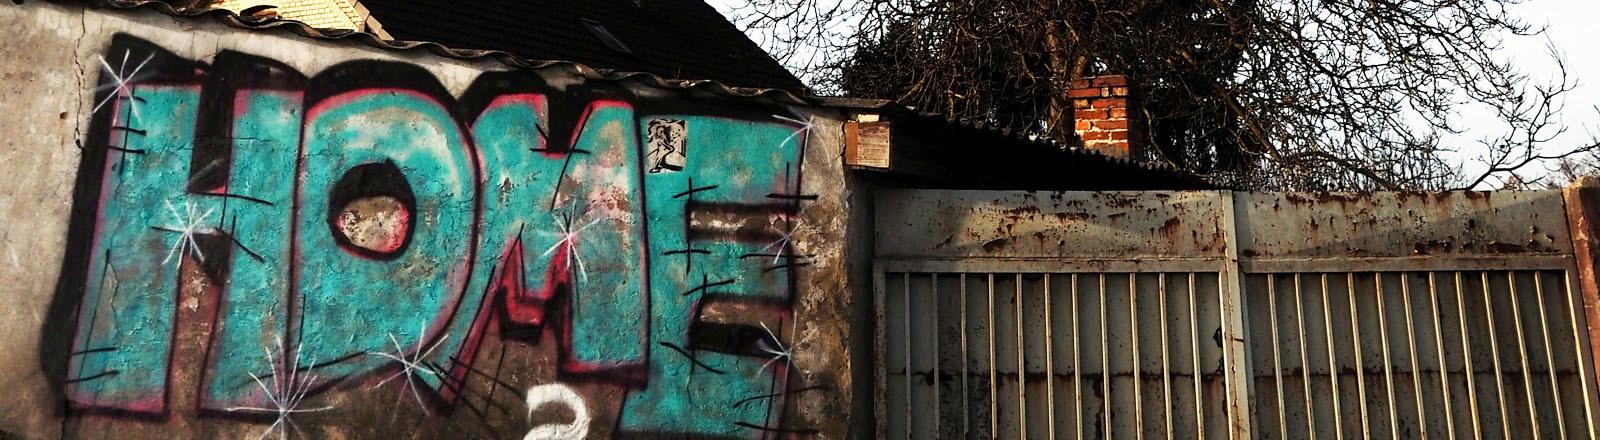 Home Schriftzug auf Gartenmauer